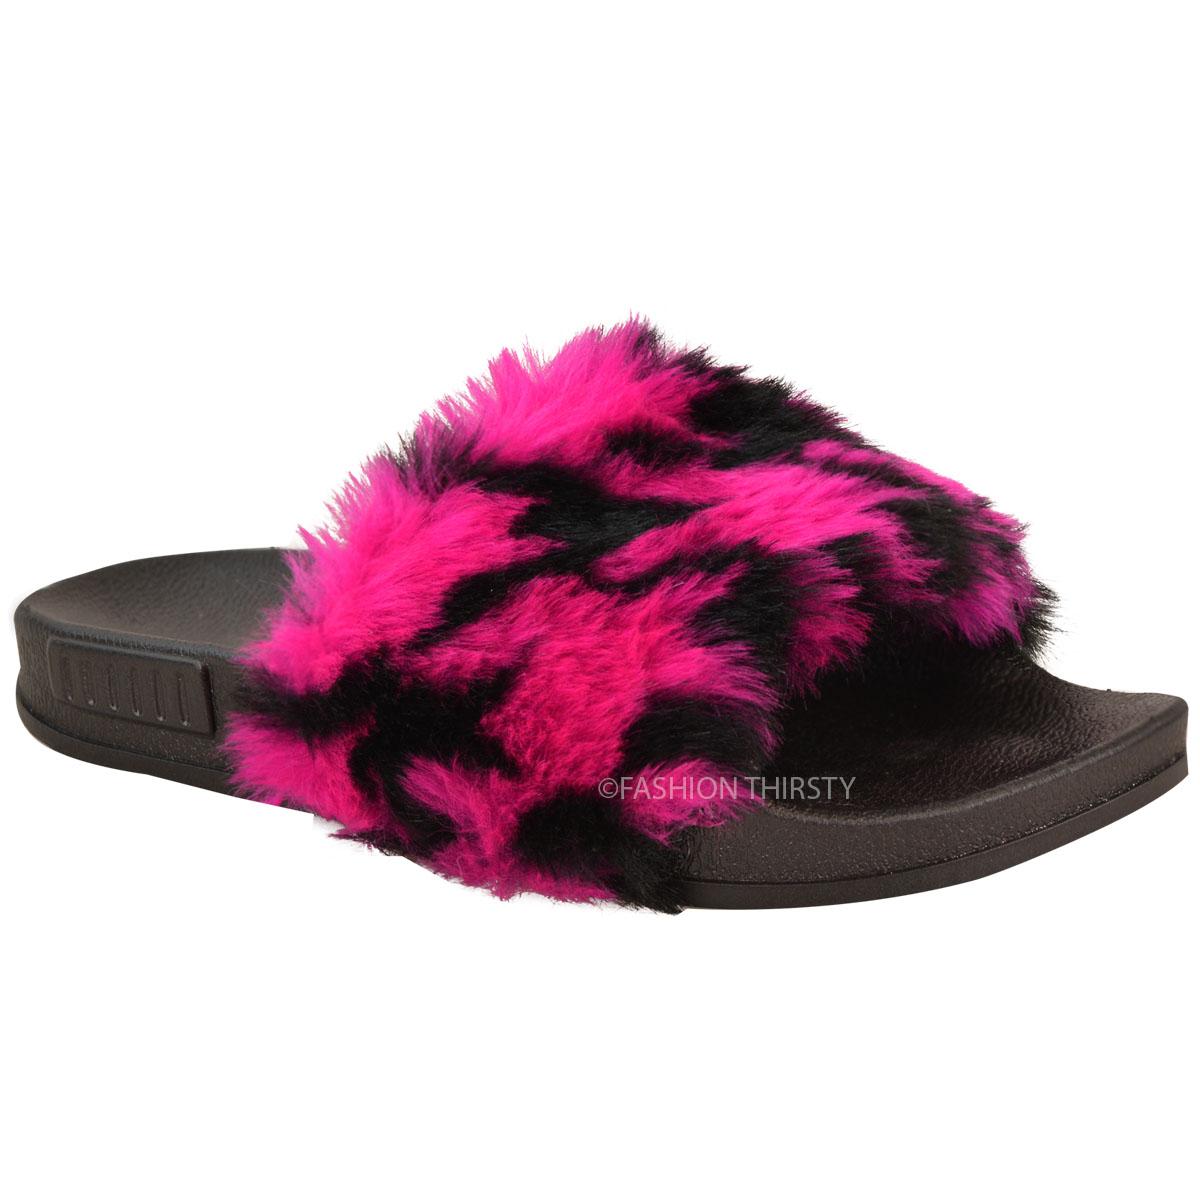 Faux Fur Fluffy Sliders Flat Celebrity Black Designer